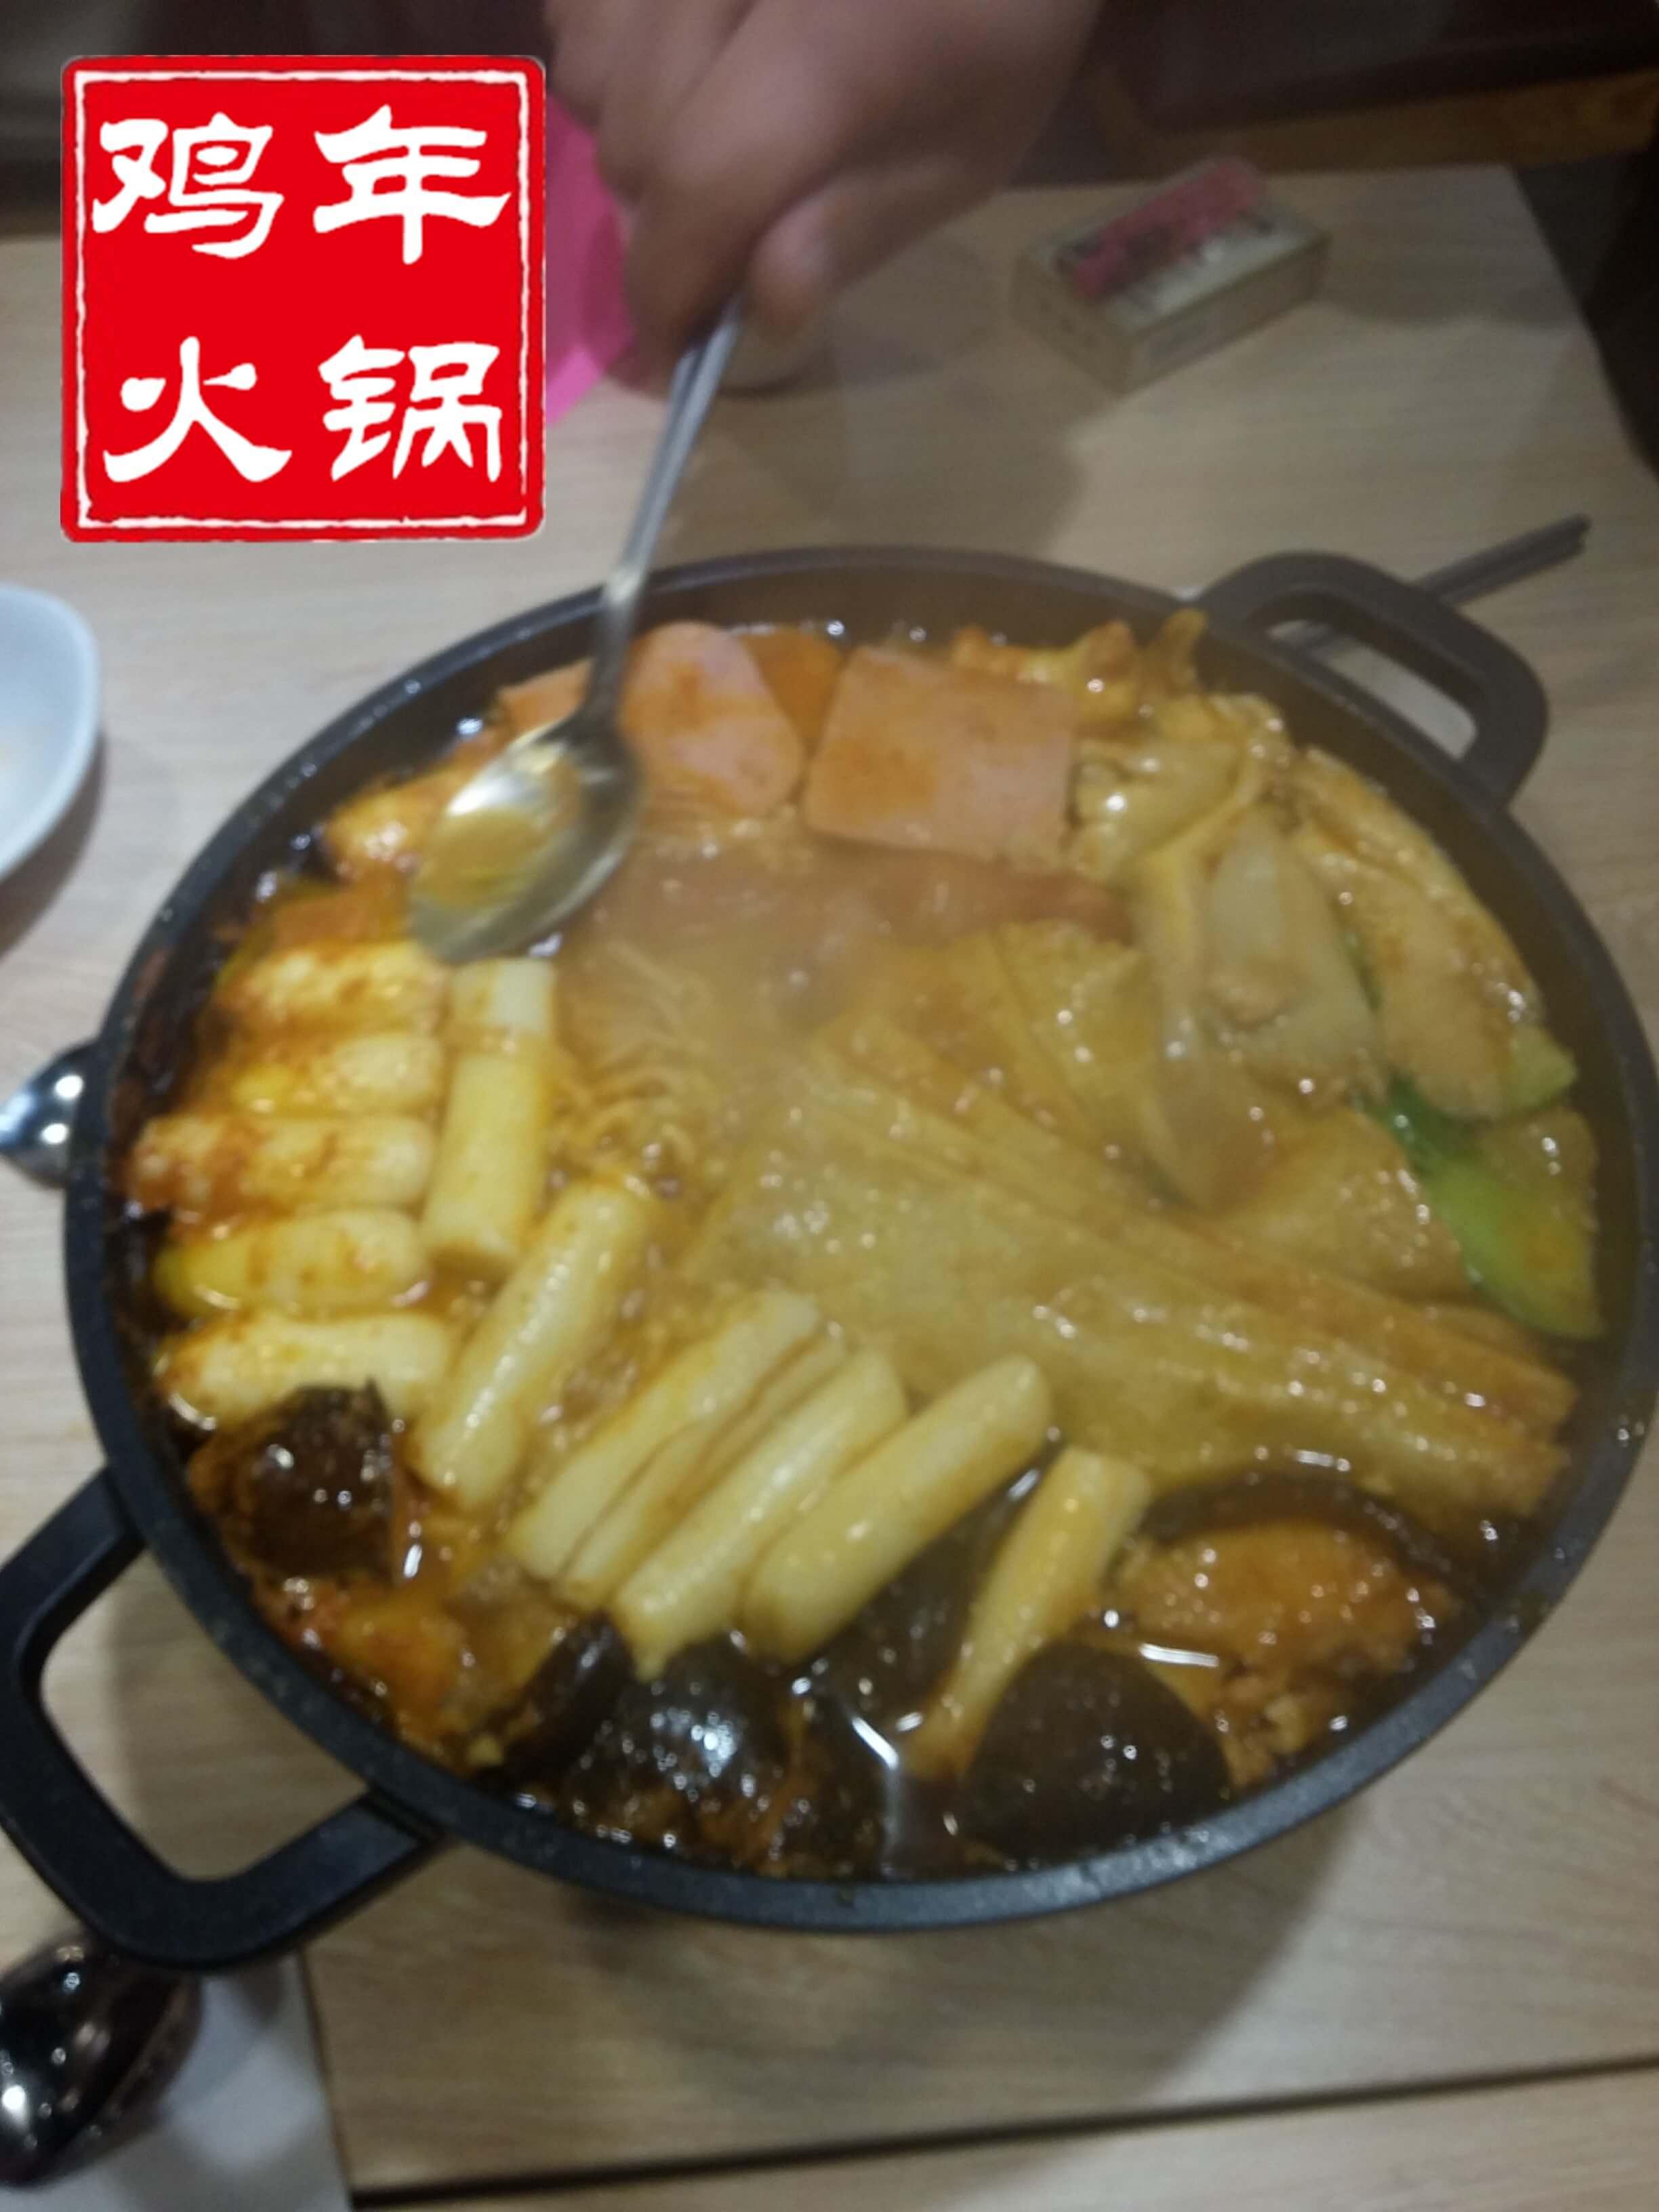 韩国长腿欧巴炸鸡图1